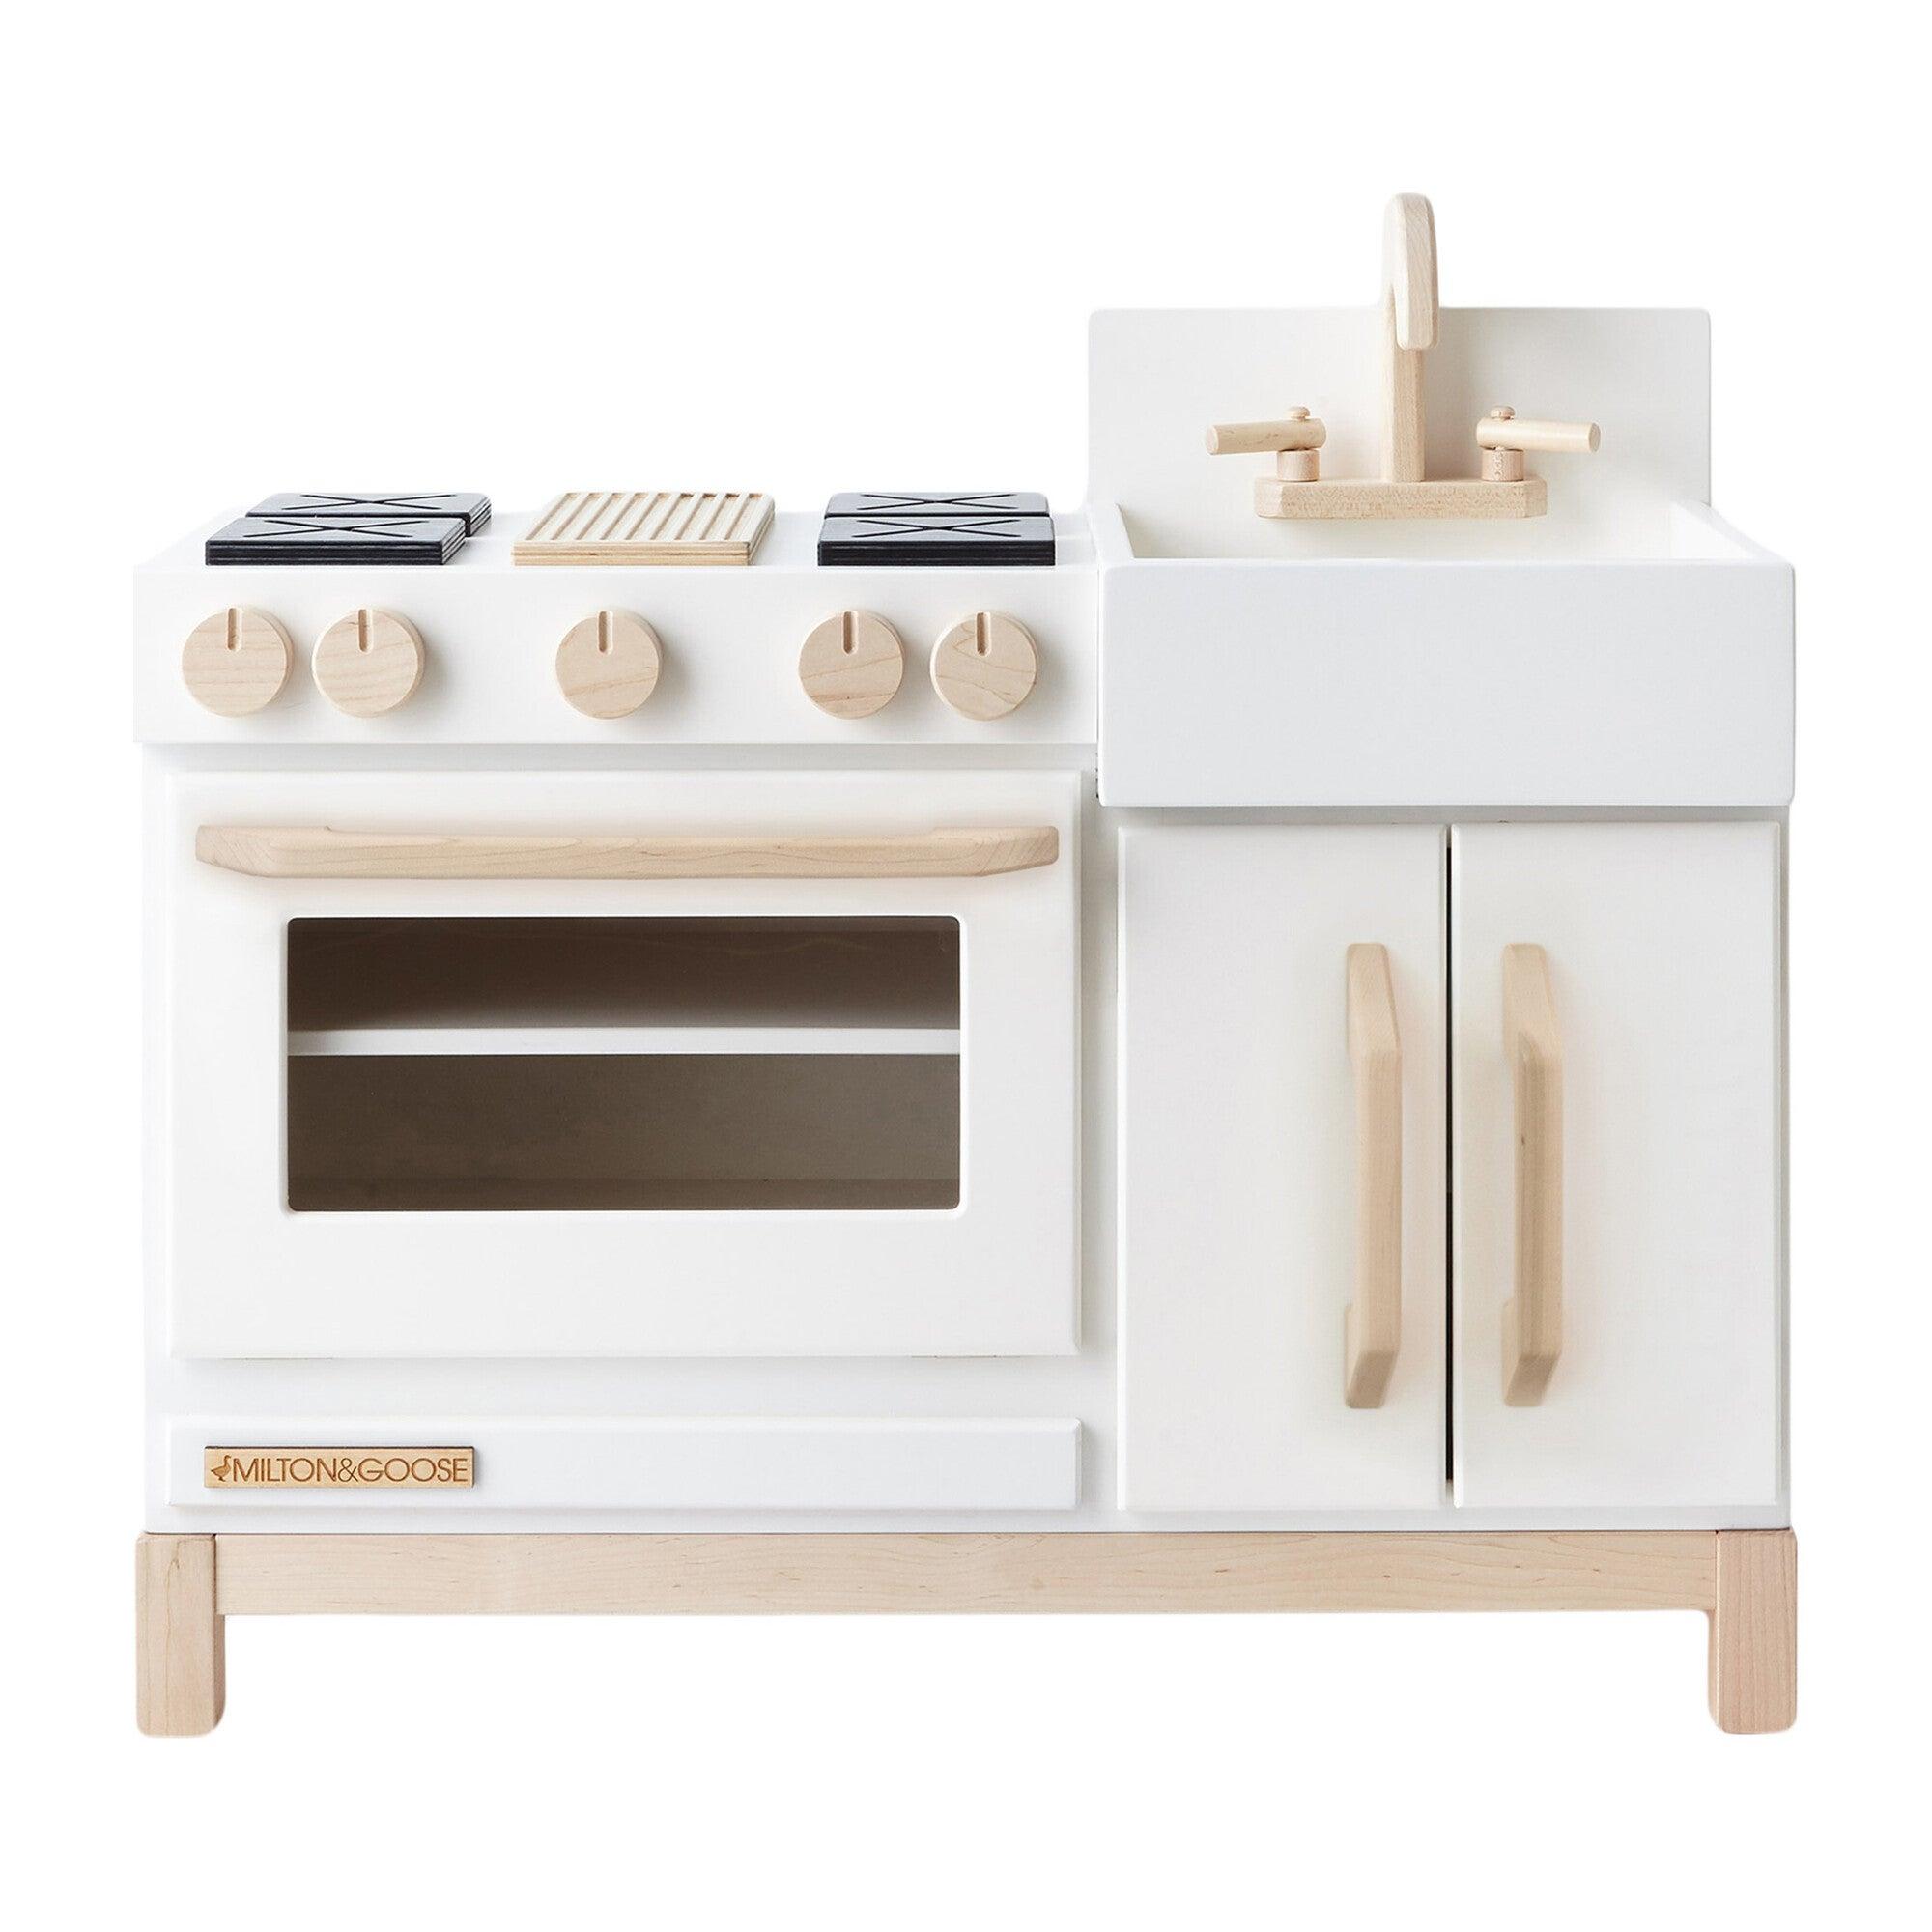 Essential Play Kitchen